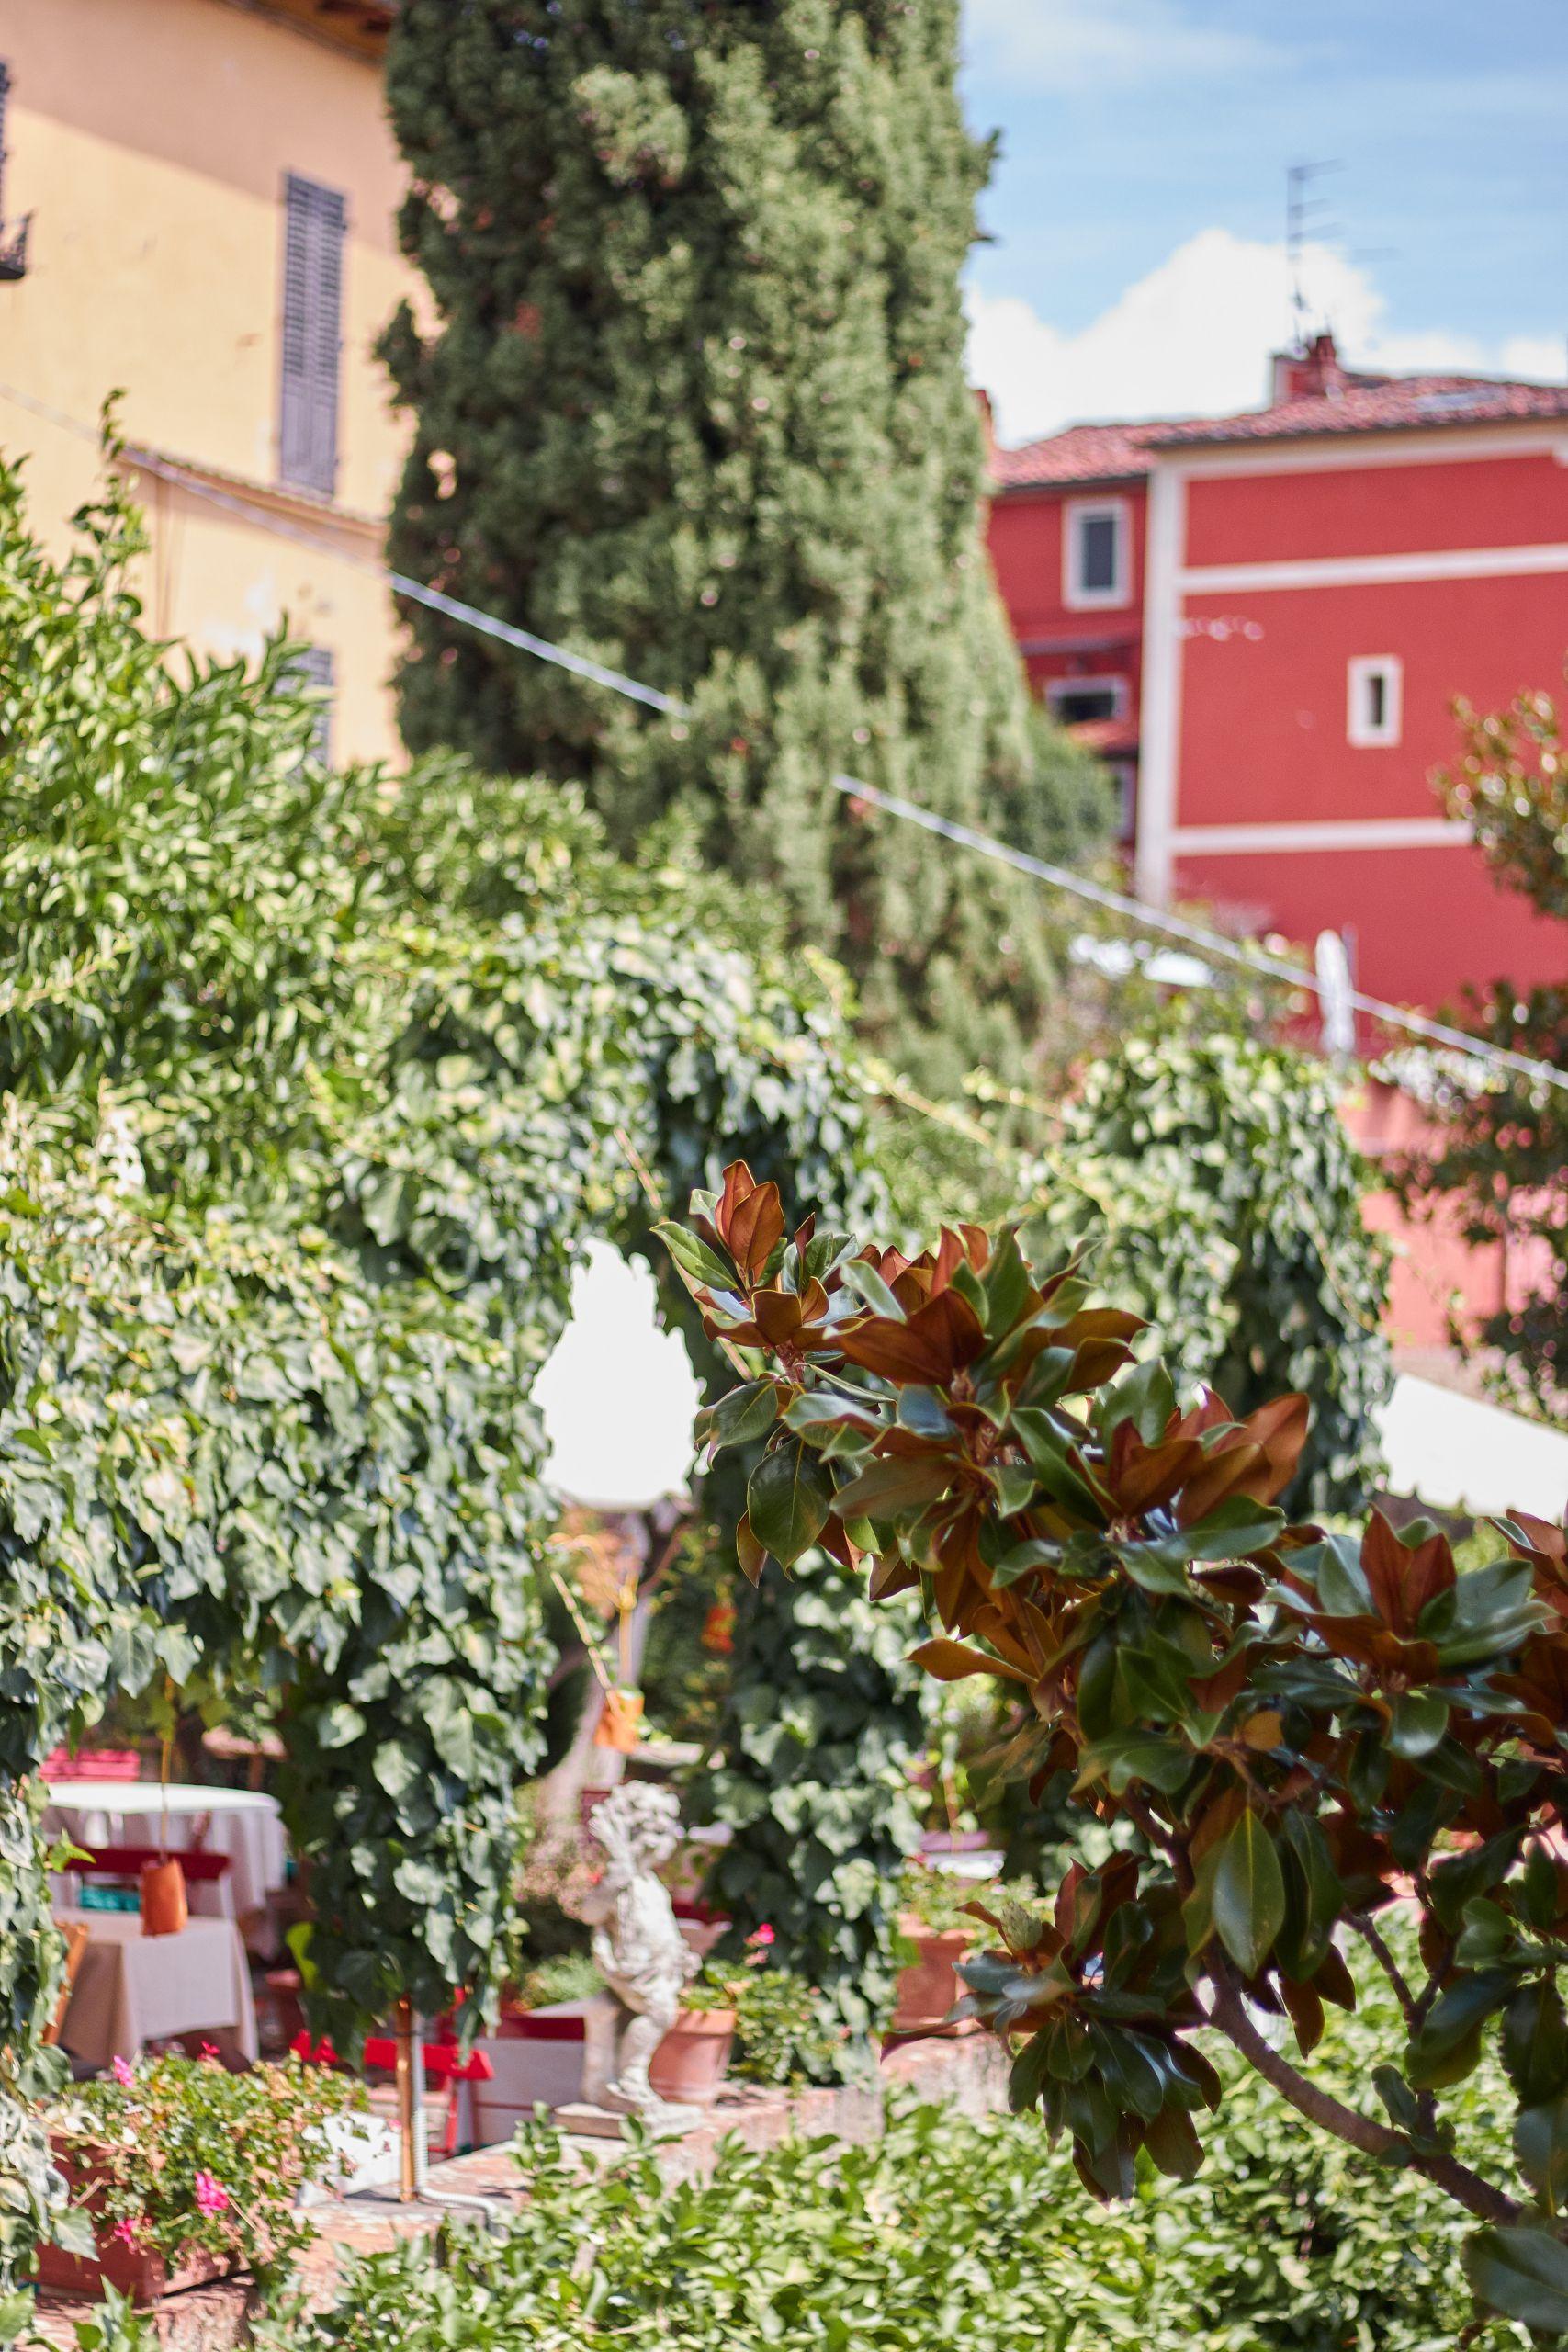 Blick auf die Frühstücksterrasse der Villa Sermolli als Stop vom Toskana Roadtrip